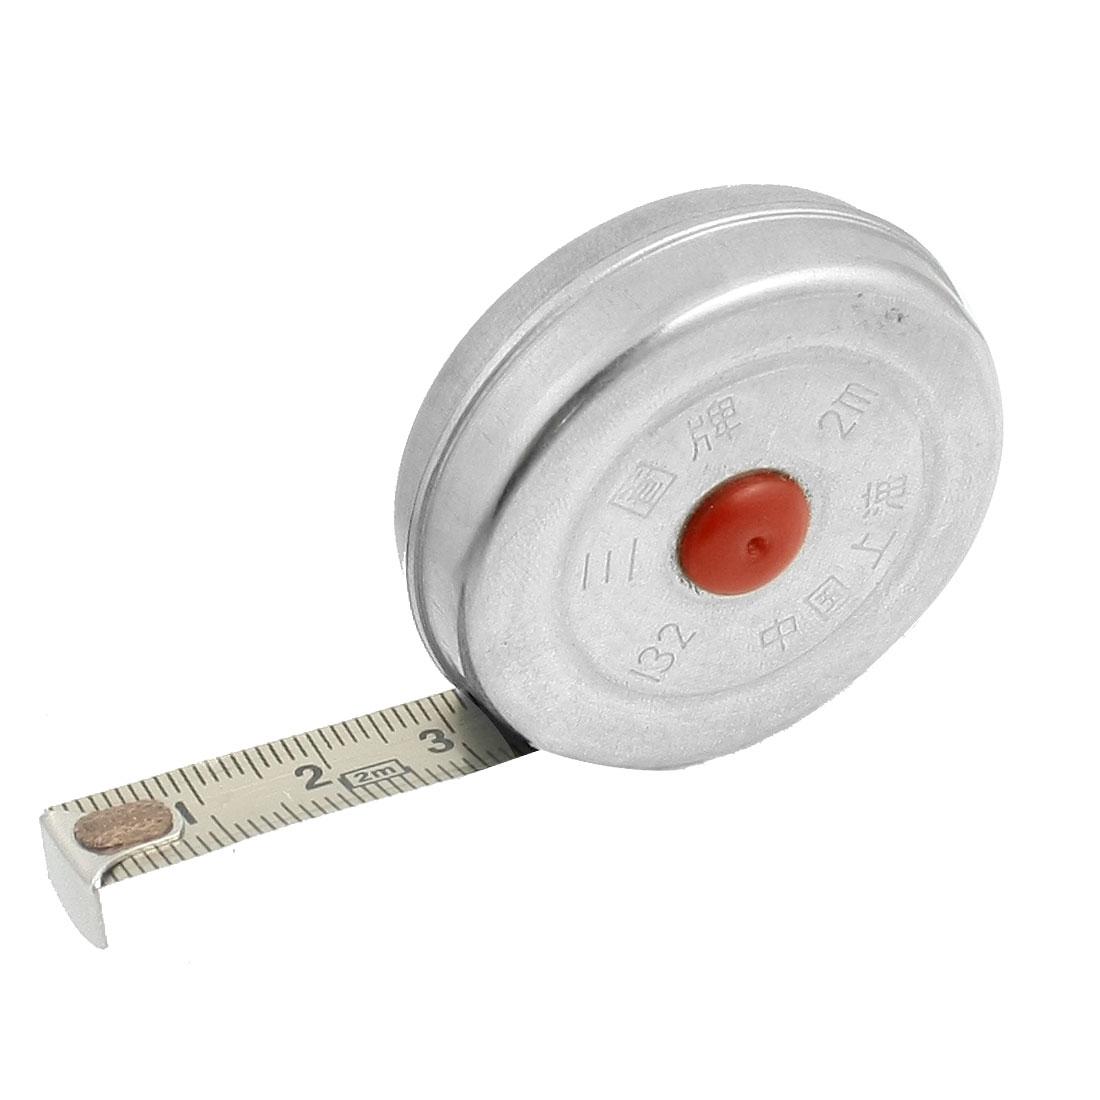 Stainless Steel 2 Meters Pocket Measuring Tape Measure Silver Tone